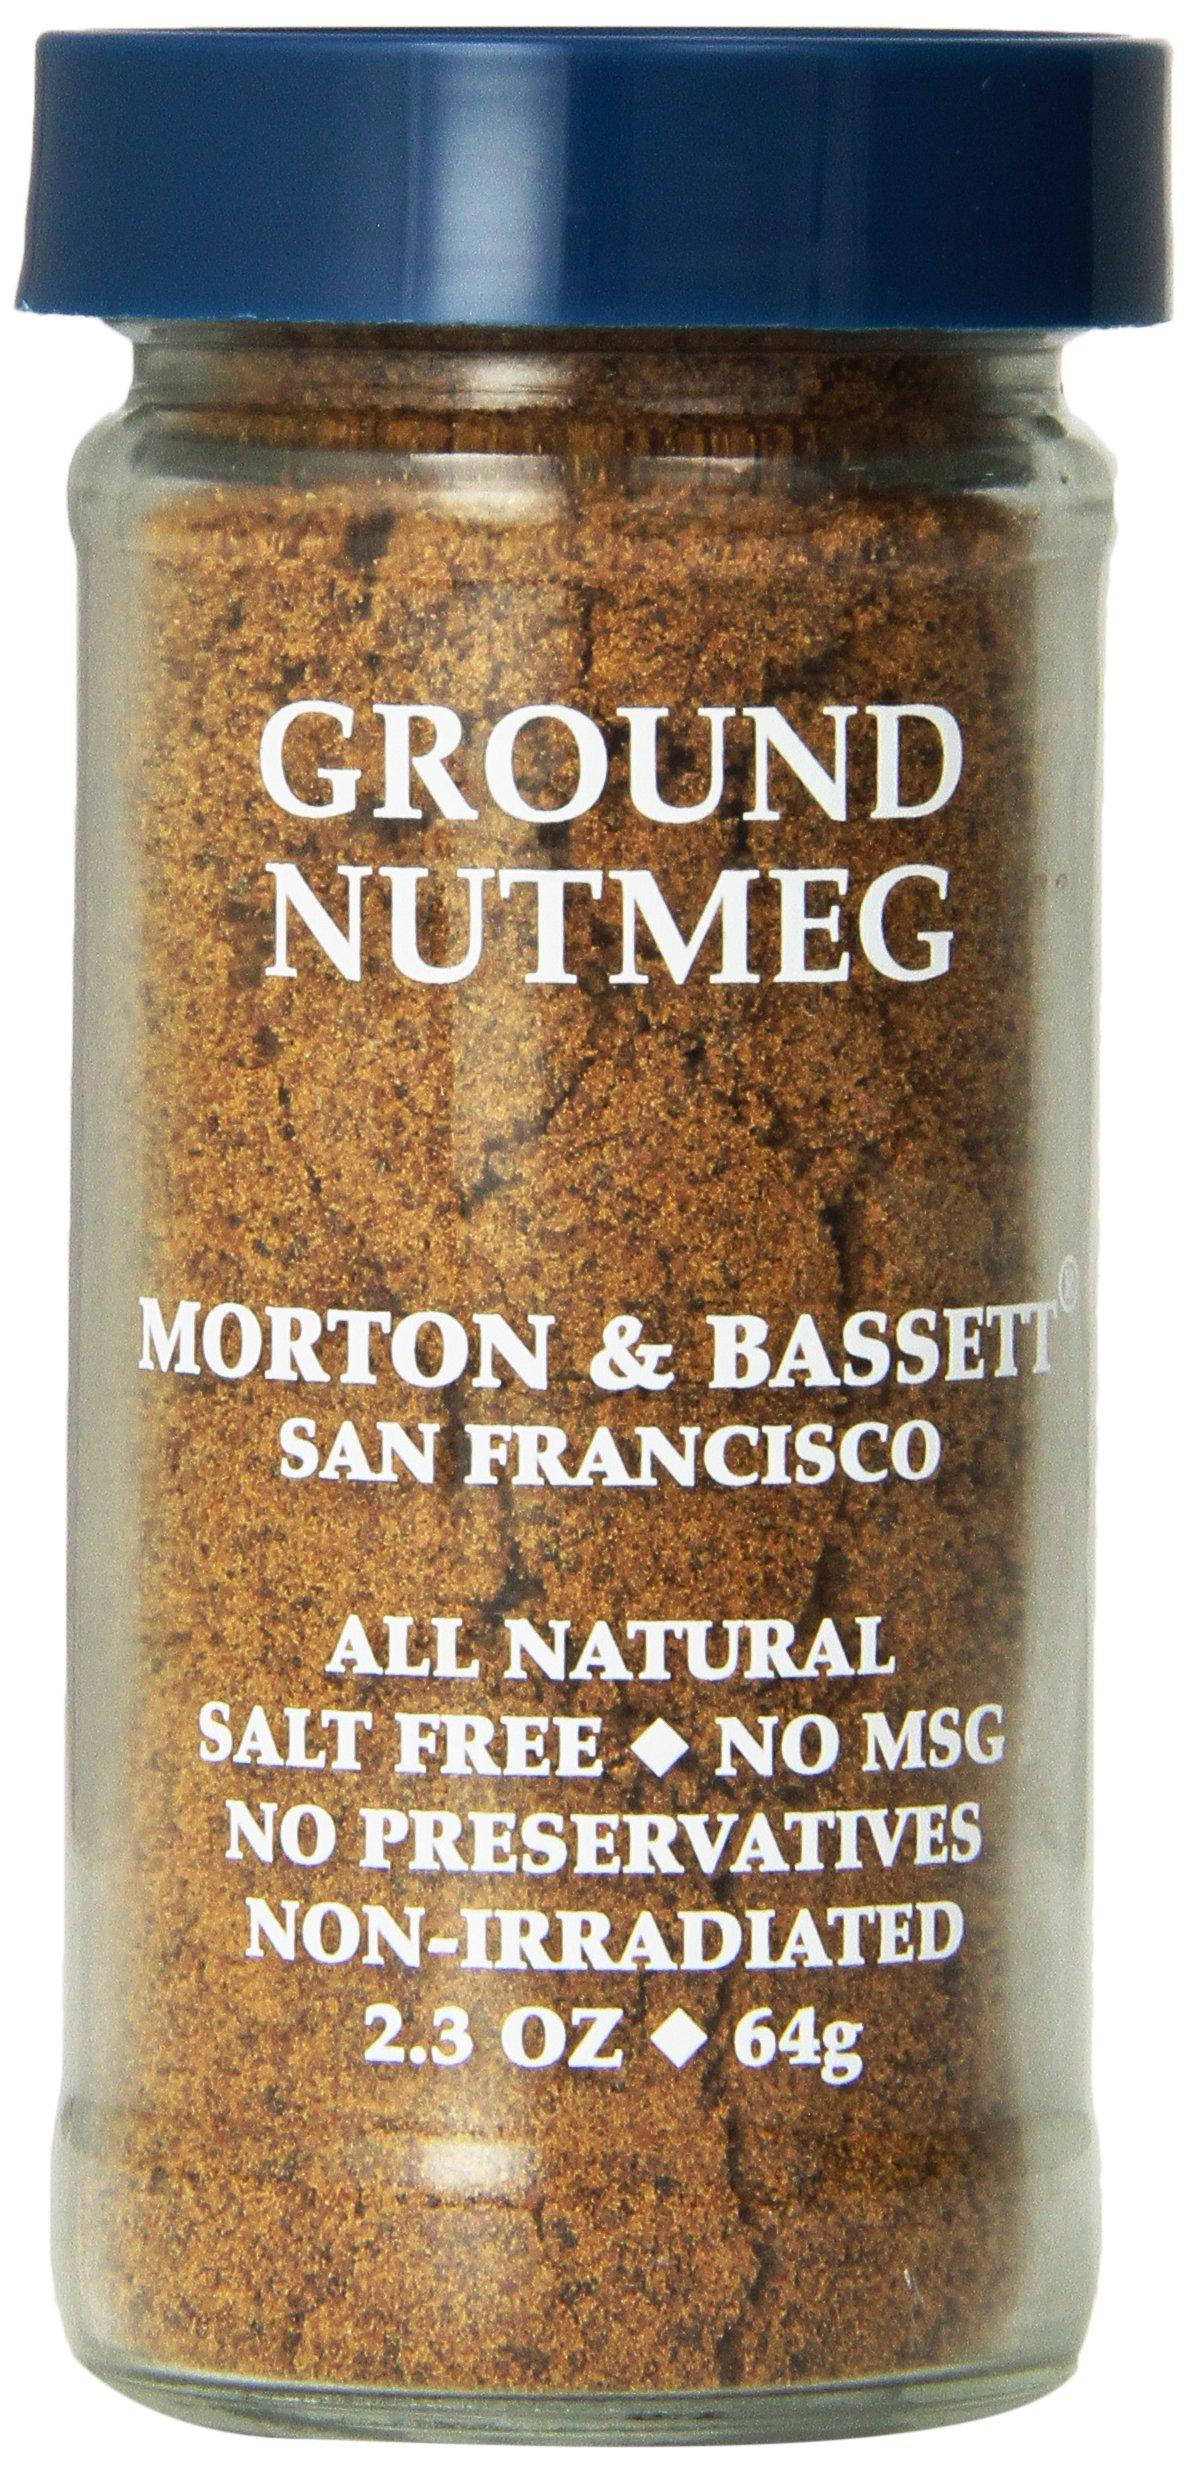 Morton & Bassett Ground Nutmeg, 2.3-Ounce Jars (Pack of 3)